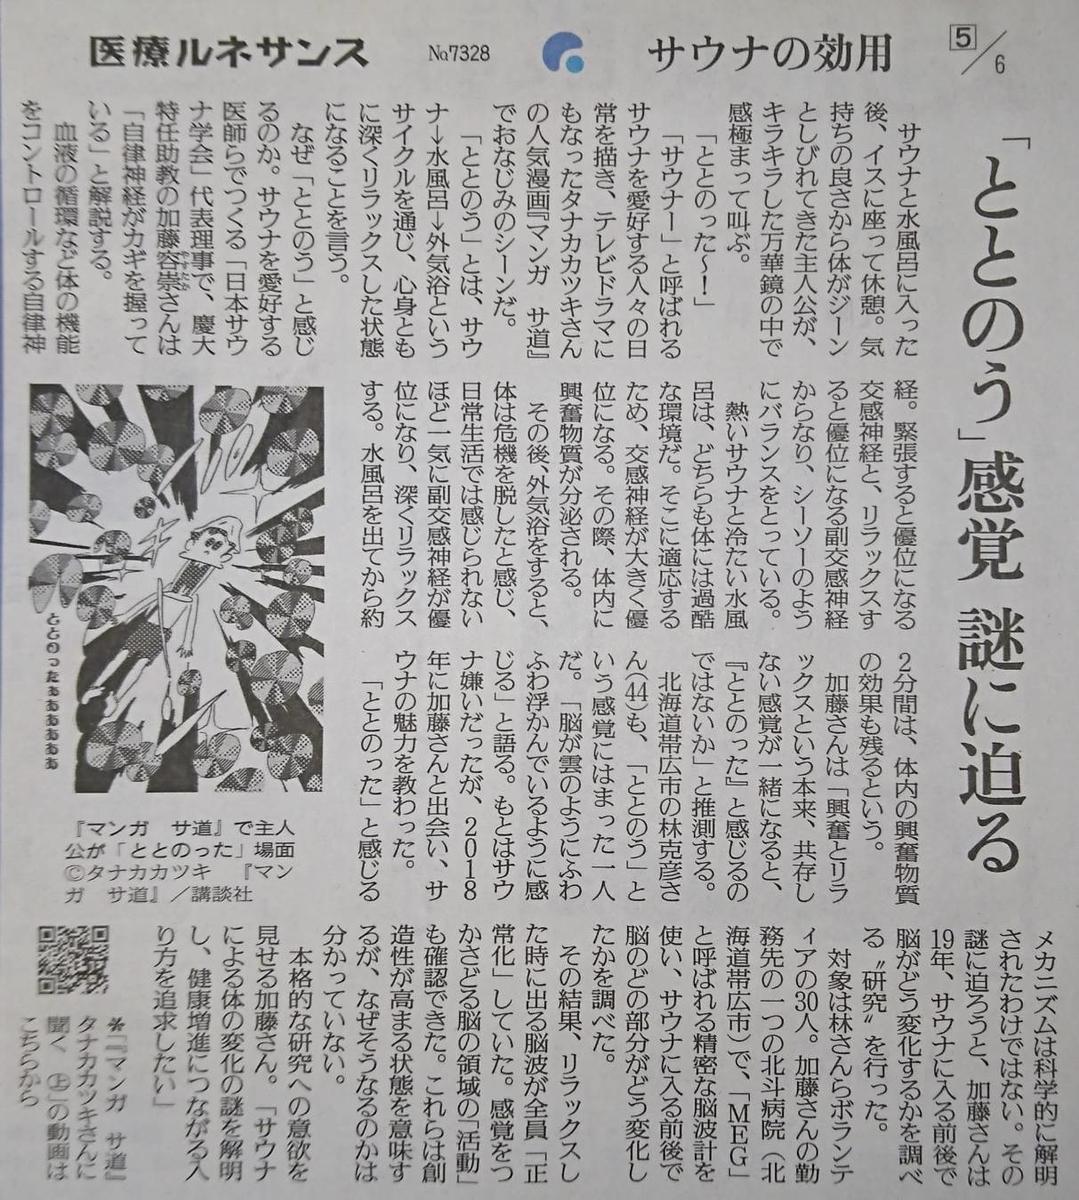 f:id:kazura-kobayashi:20200803230934j:plain